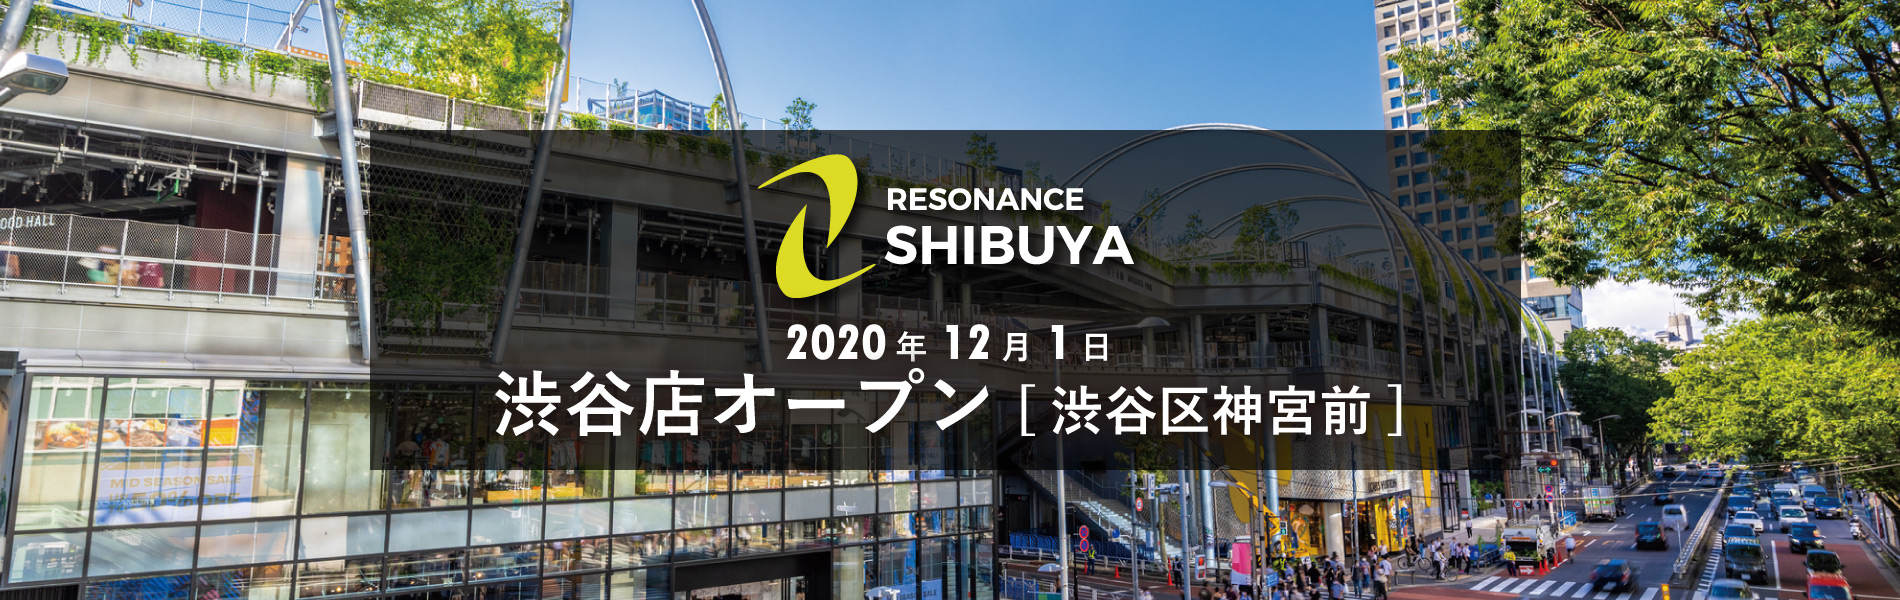 2020年12月1日渋谷店オープン